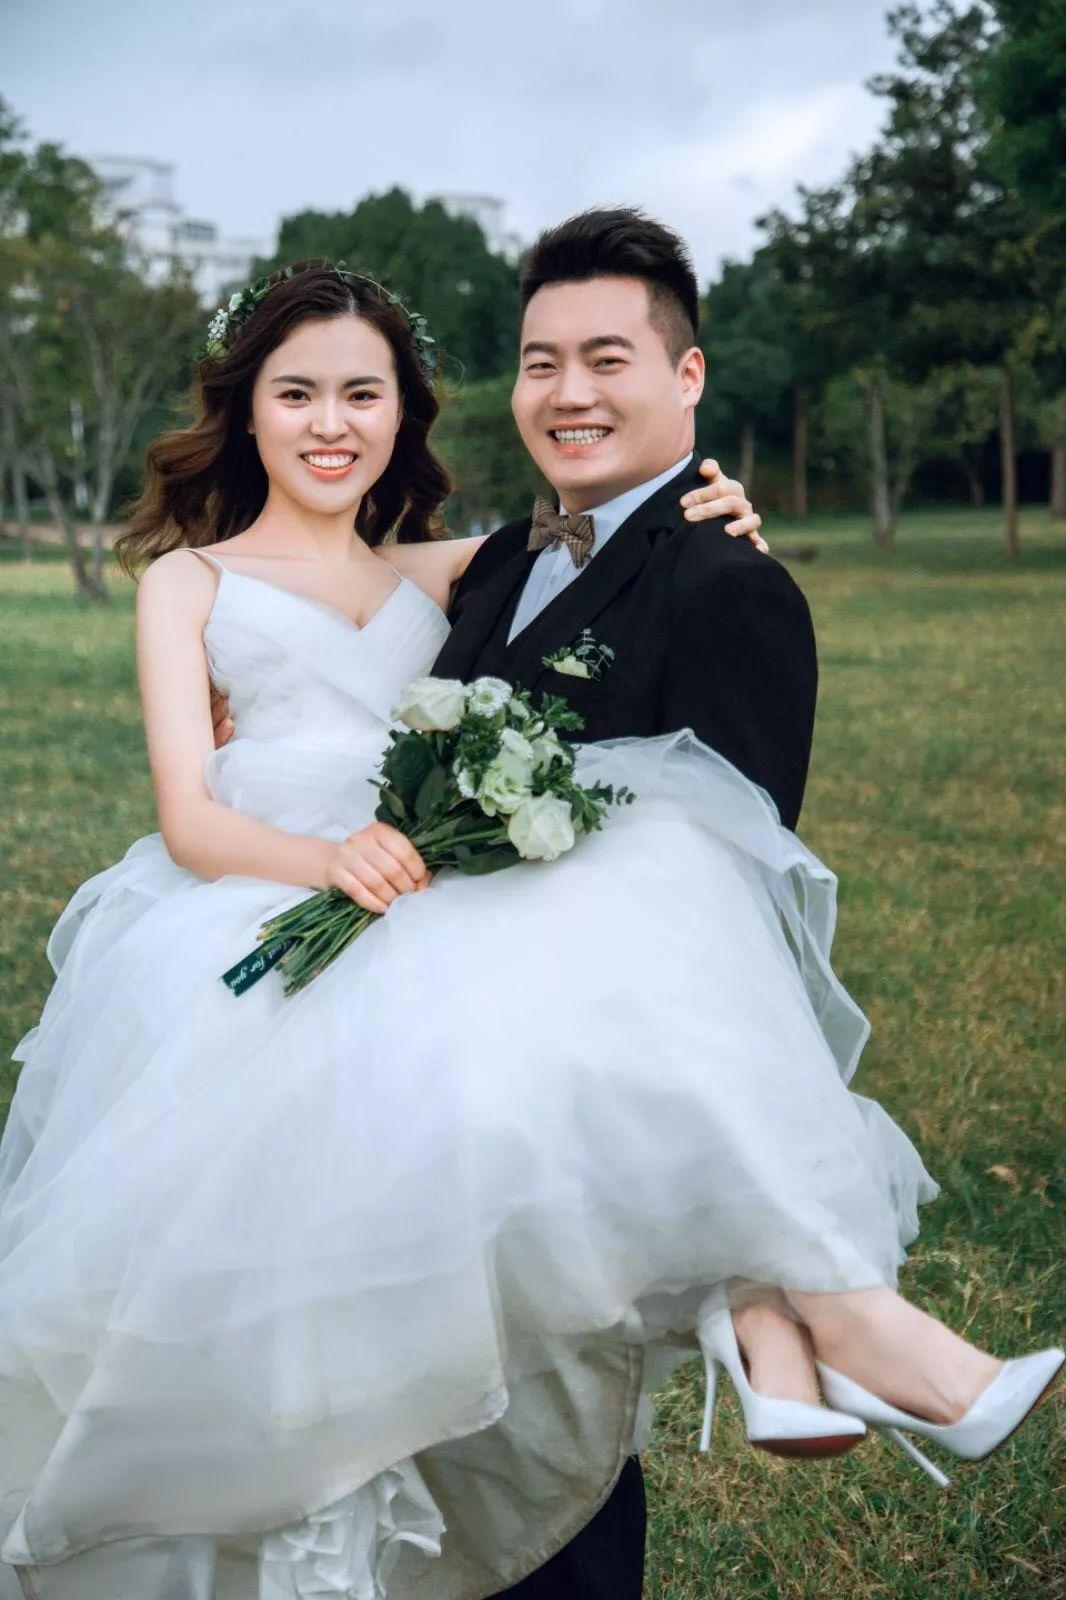 【警察故事】他们推迟婚礼 只为尽快回归岗位